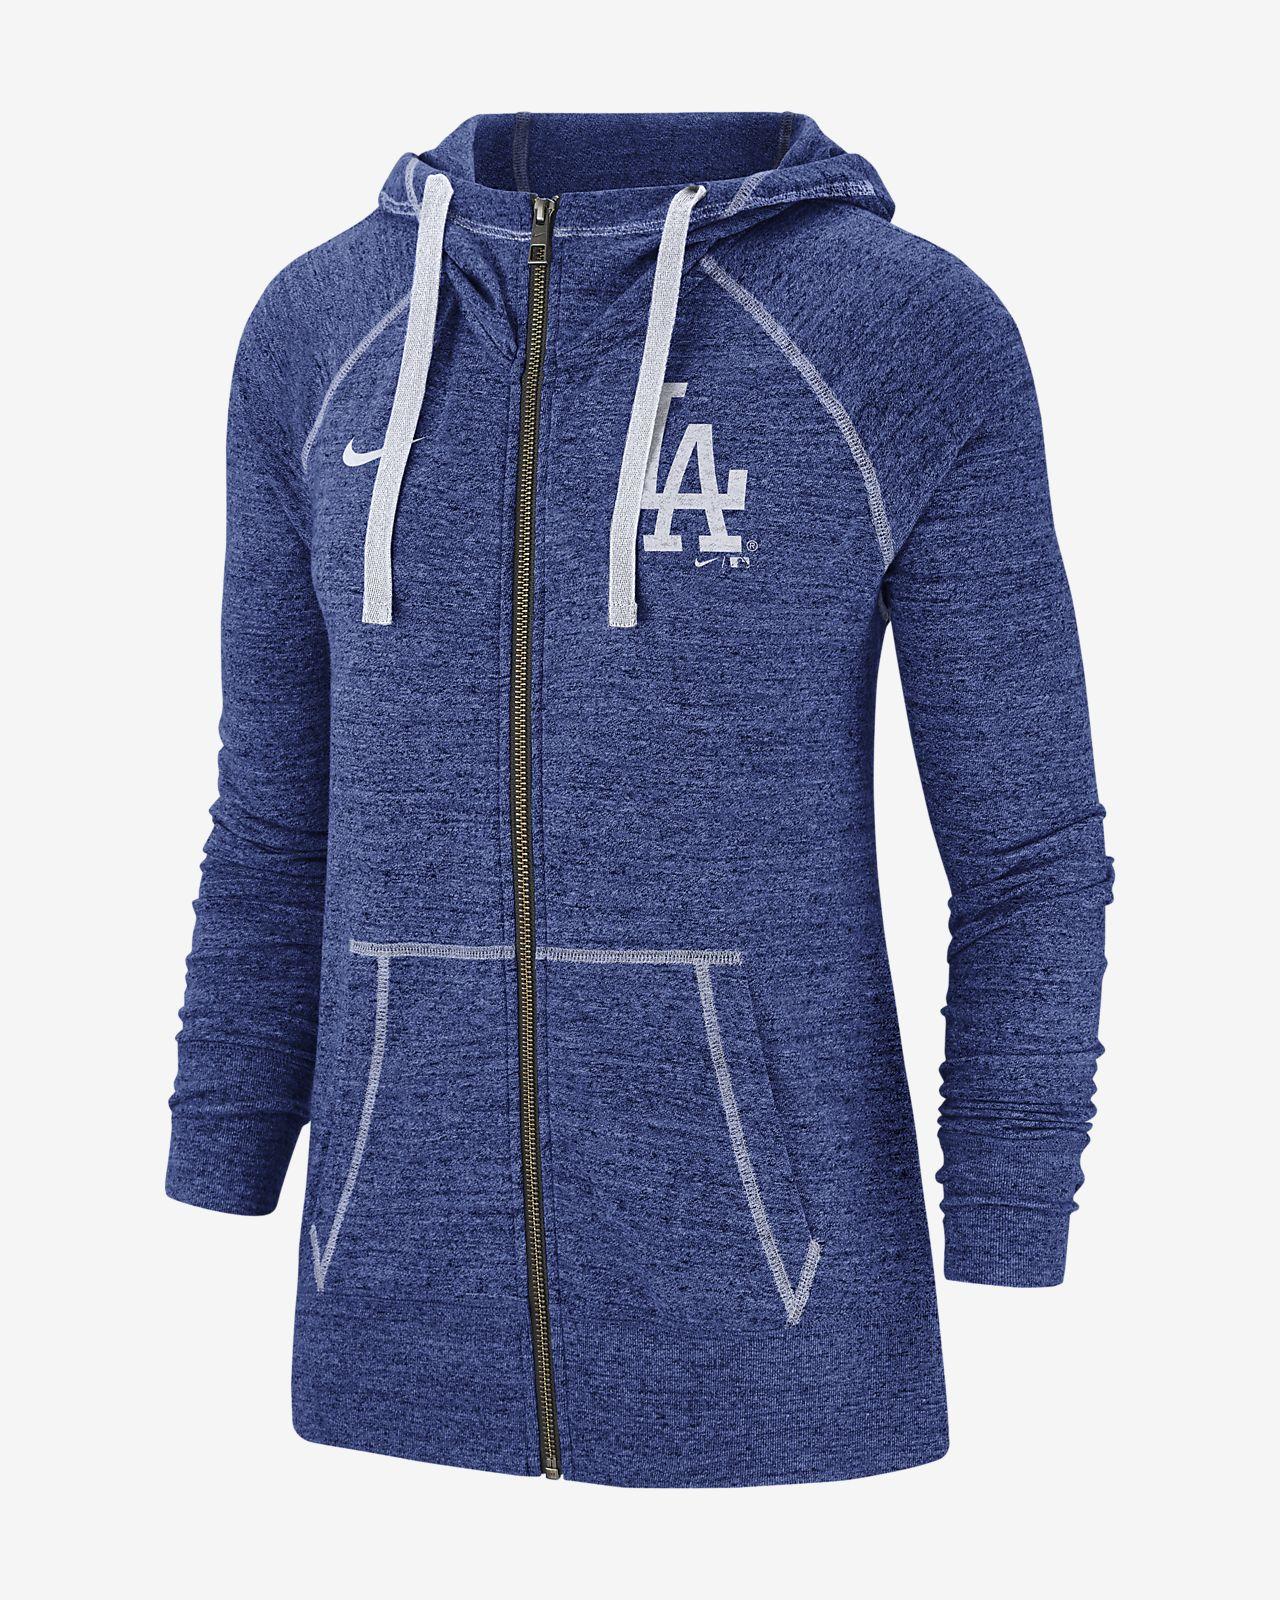 Nike Gym Vintage (MLB Dodgers) Women's Full-Zip Hoodie